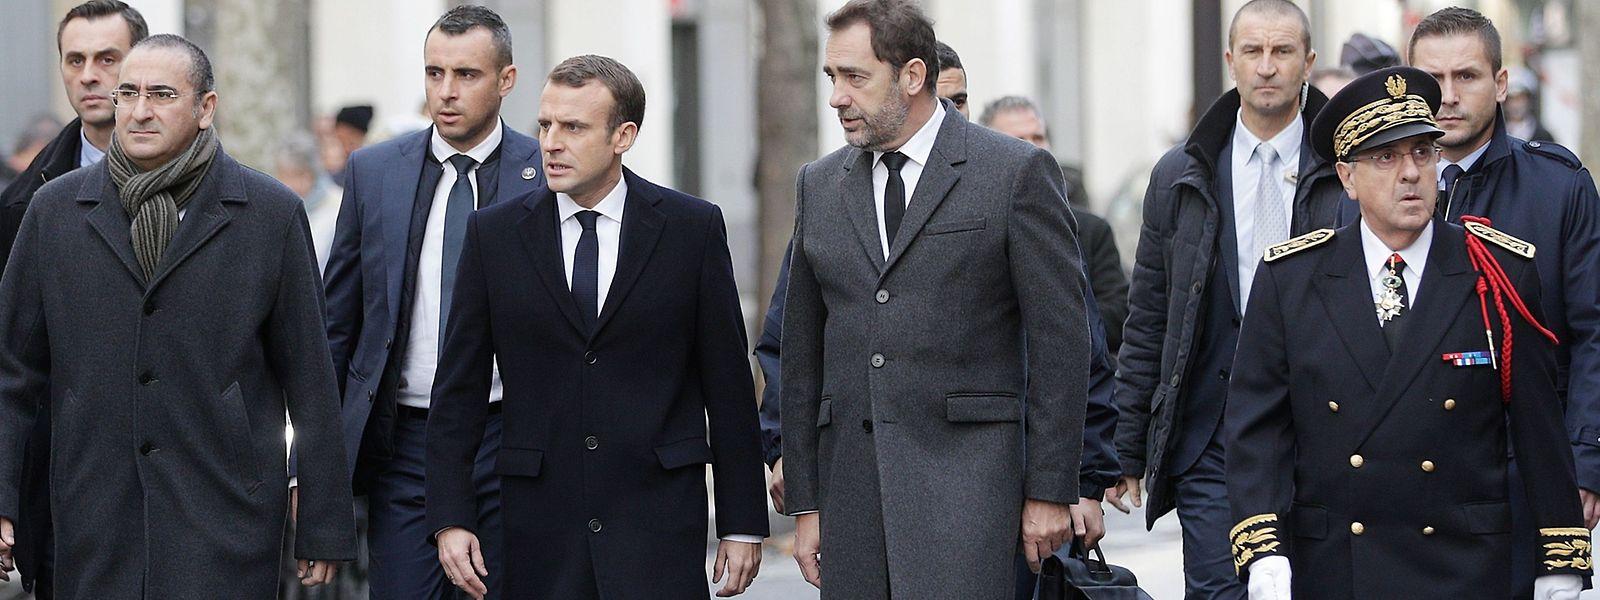 Le président Macron au centre, entouré du ministre de l'Intérieur Christophe Castaner (2e à dr.) et du préfet de police Michel Delpuech (à dr.).